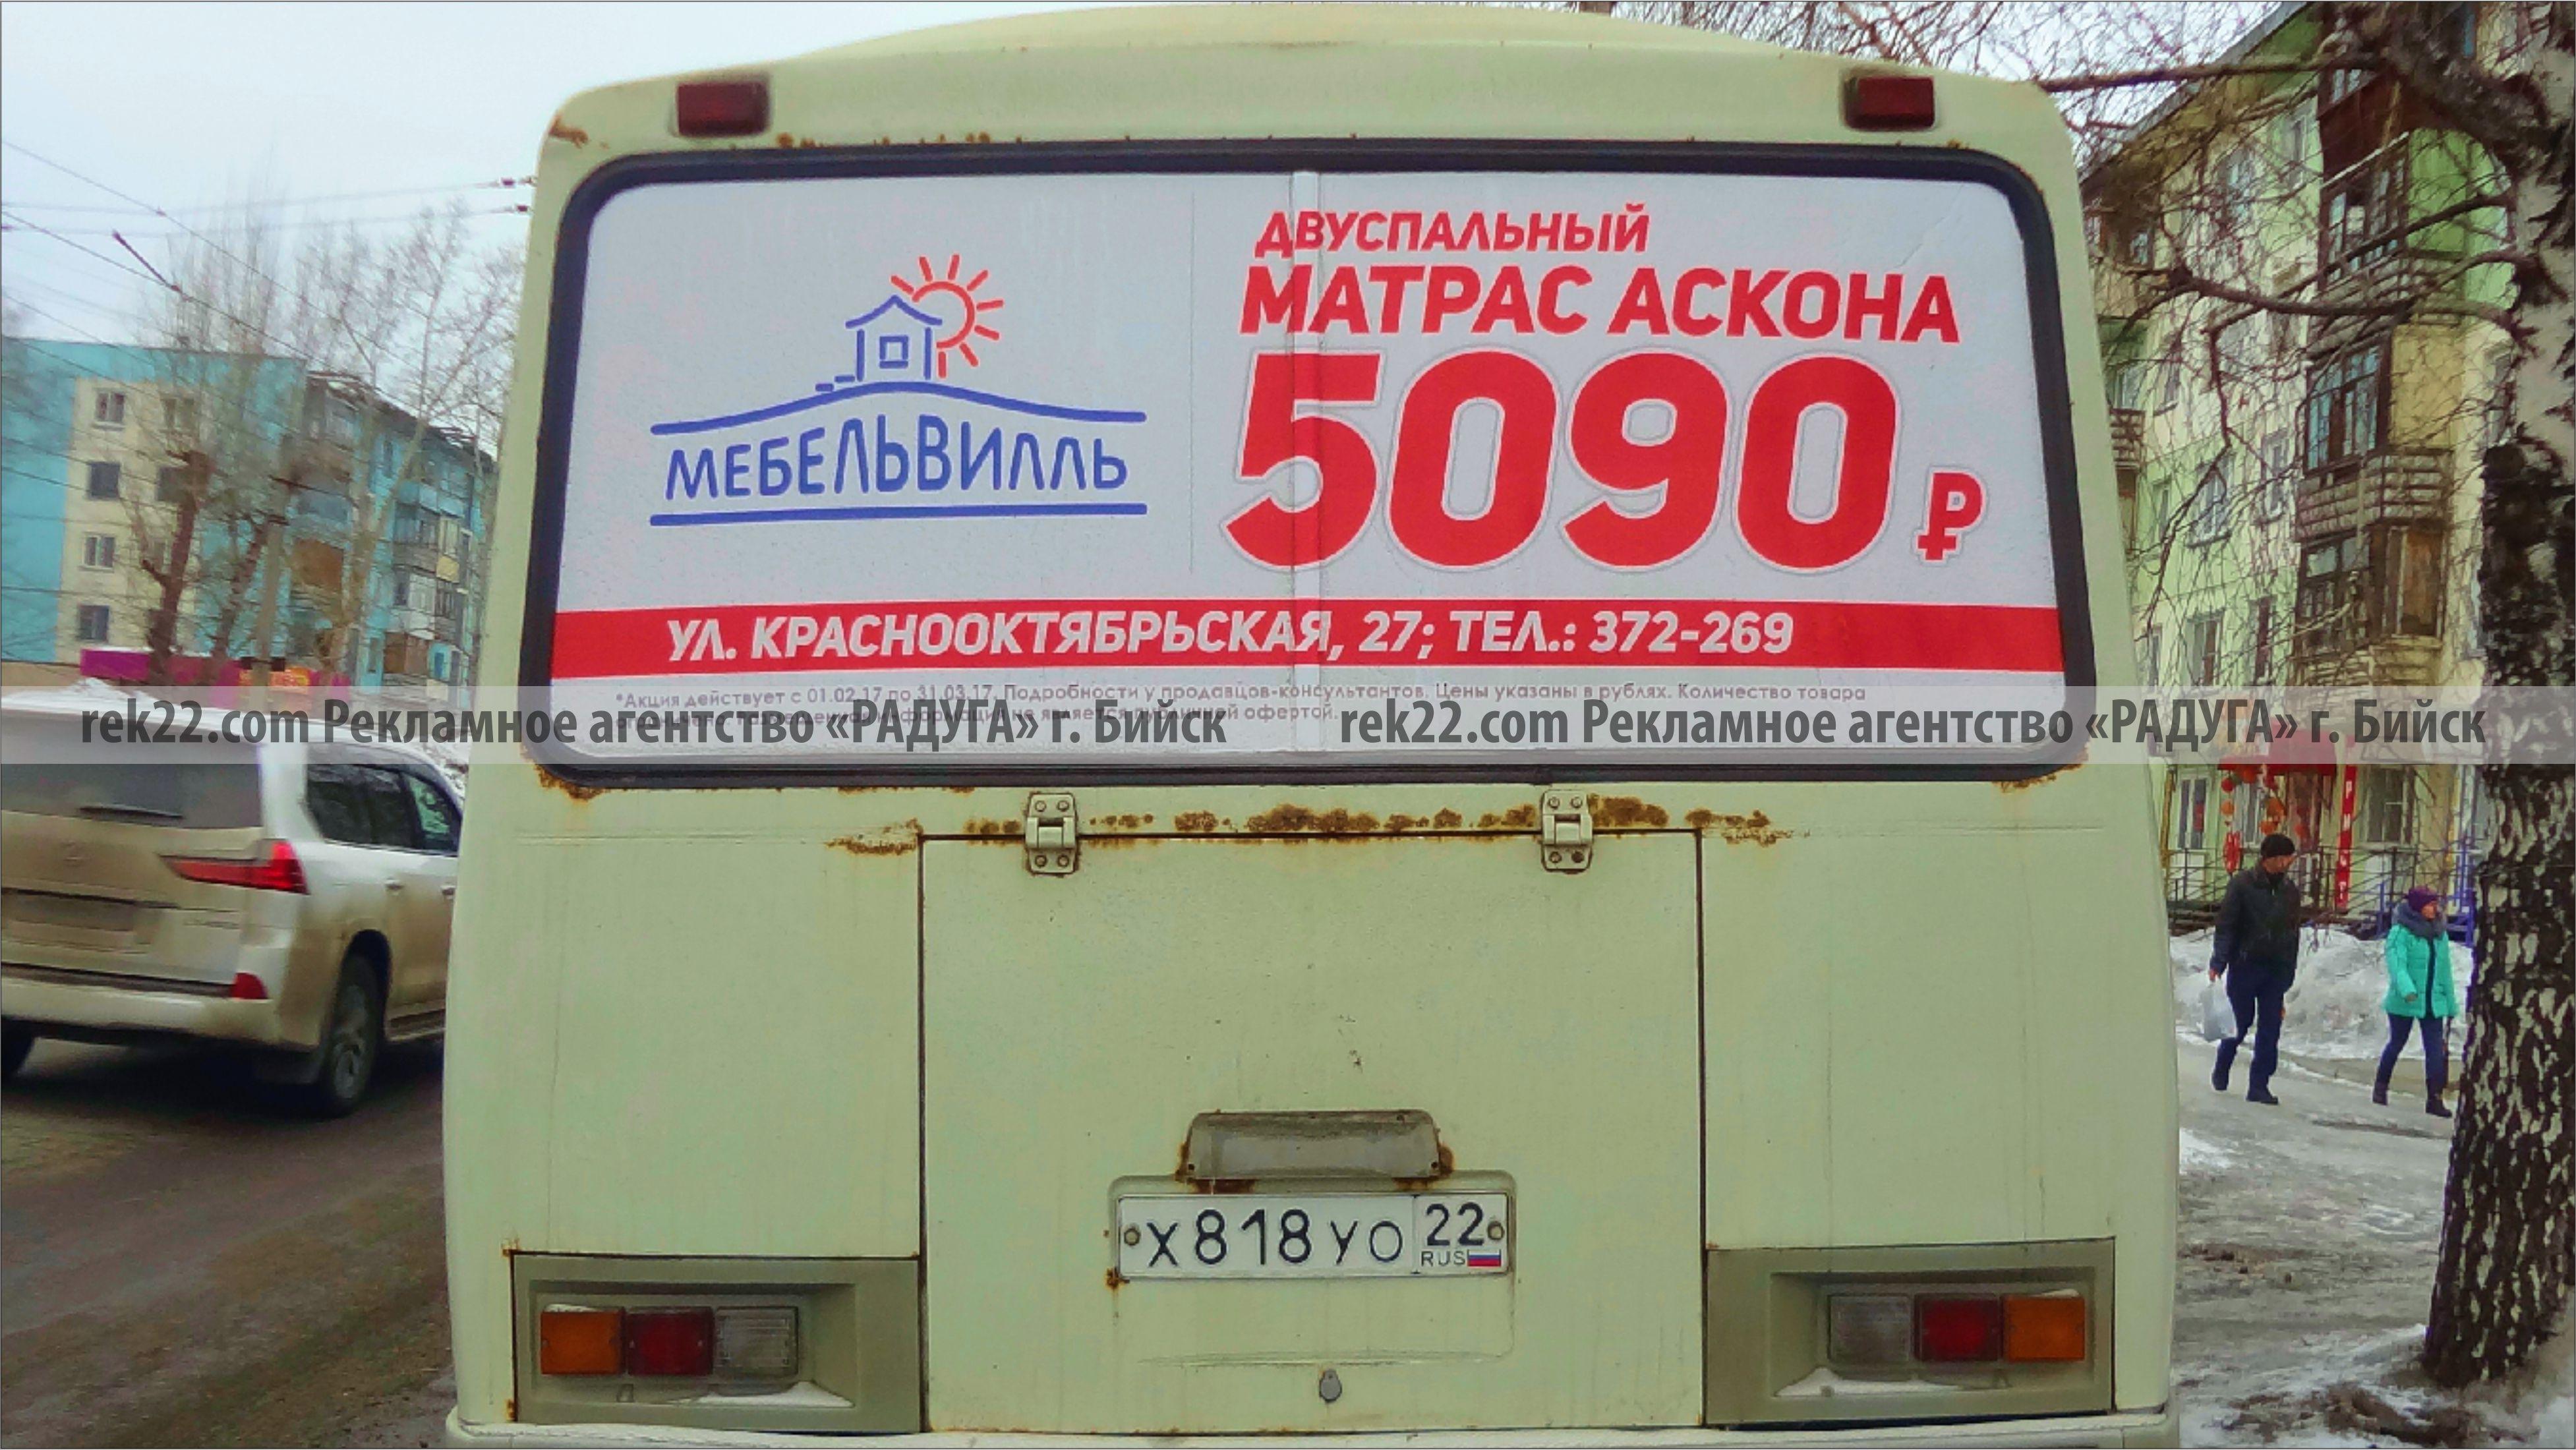 Реклама на транспорте Бийск - бортах, задних стеклах - 4